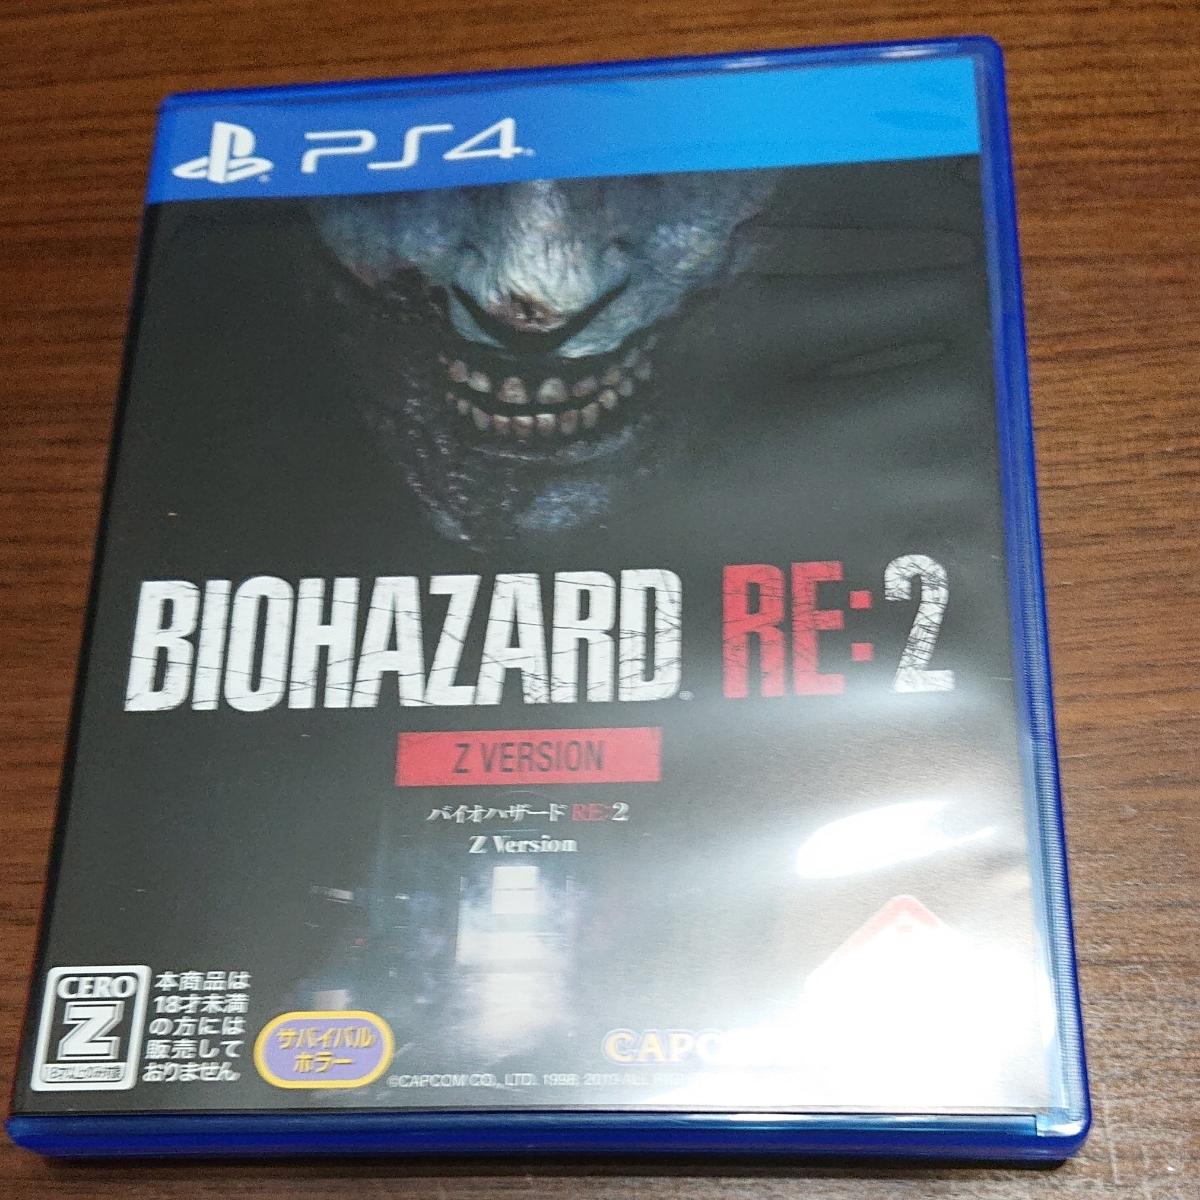 バイオハザードRE:2 Z Version PS4